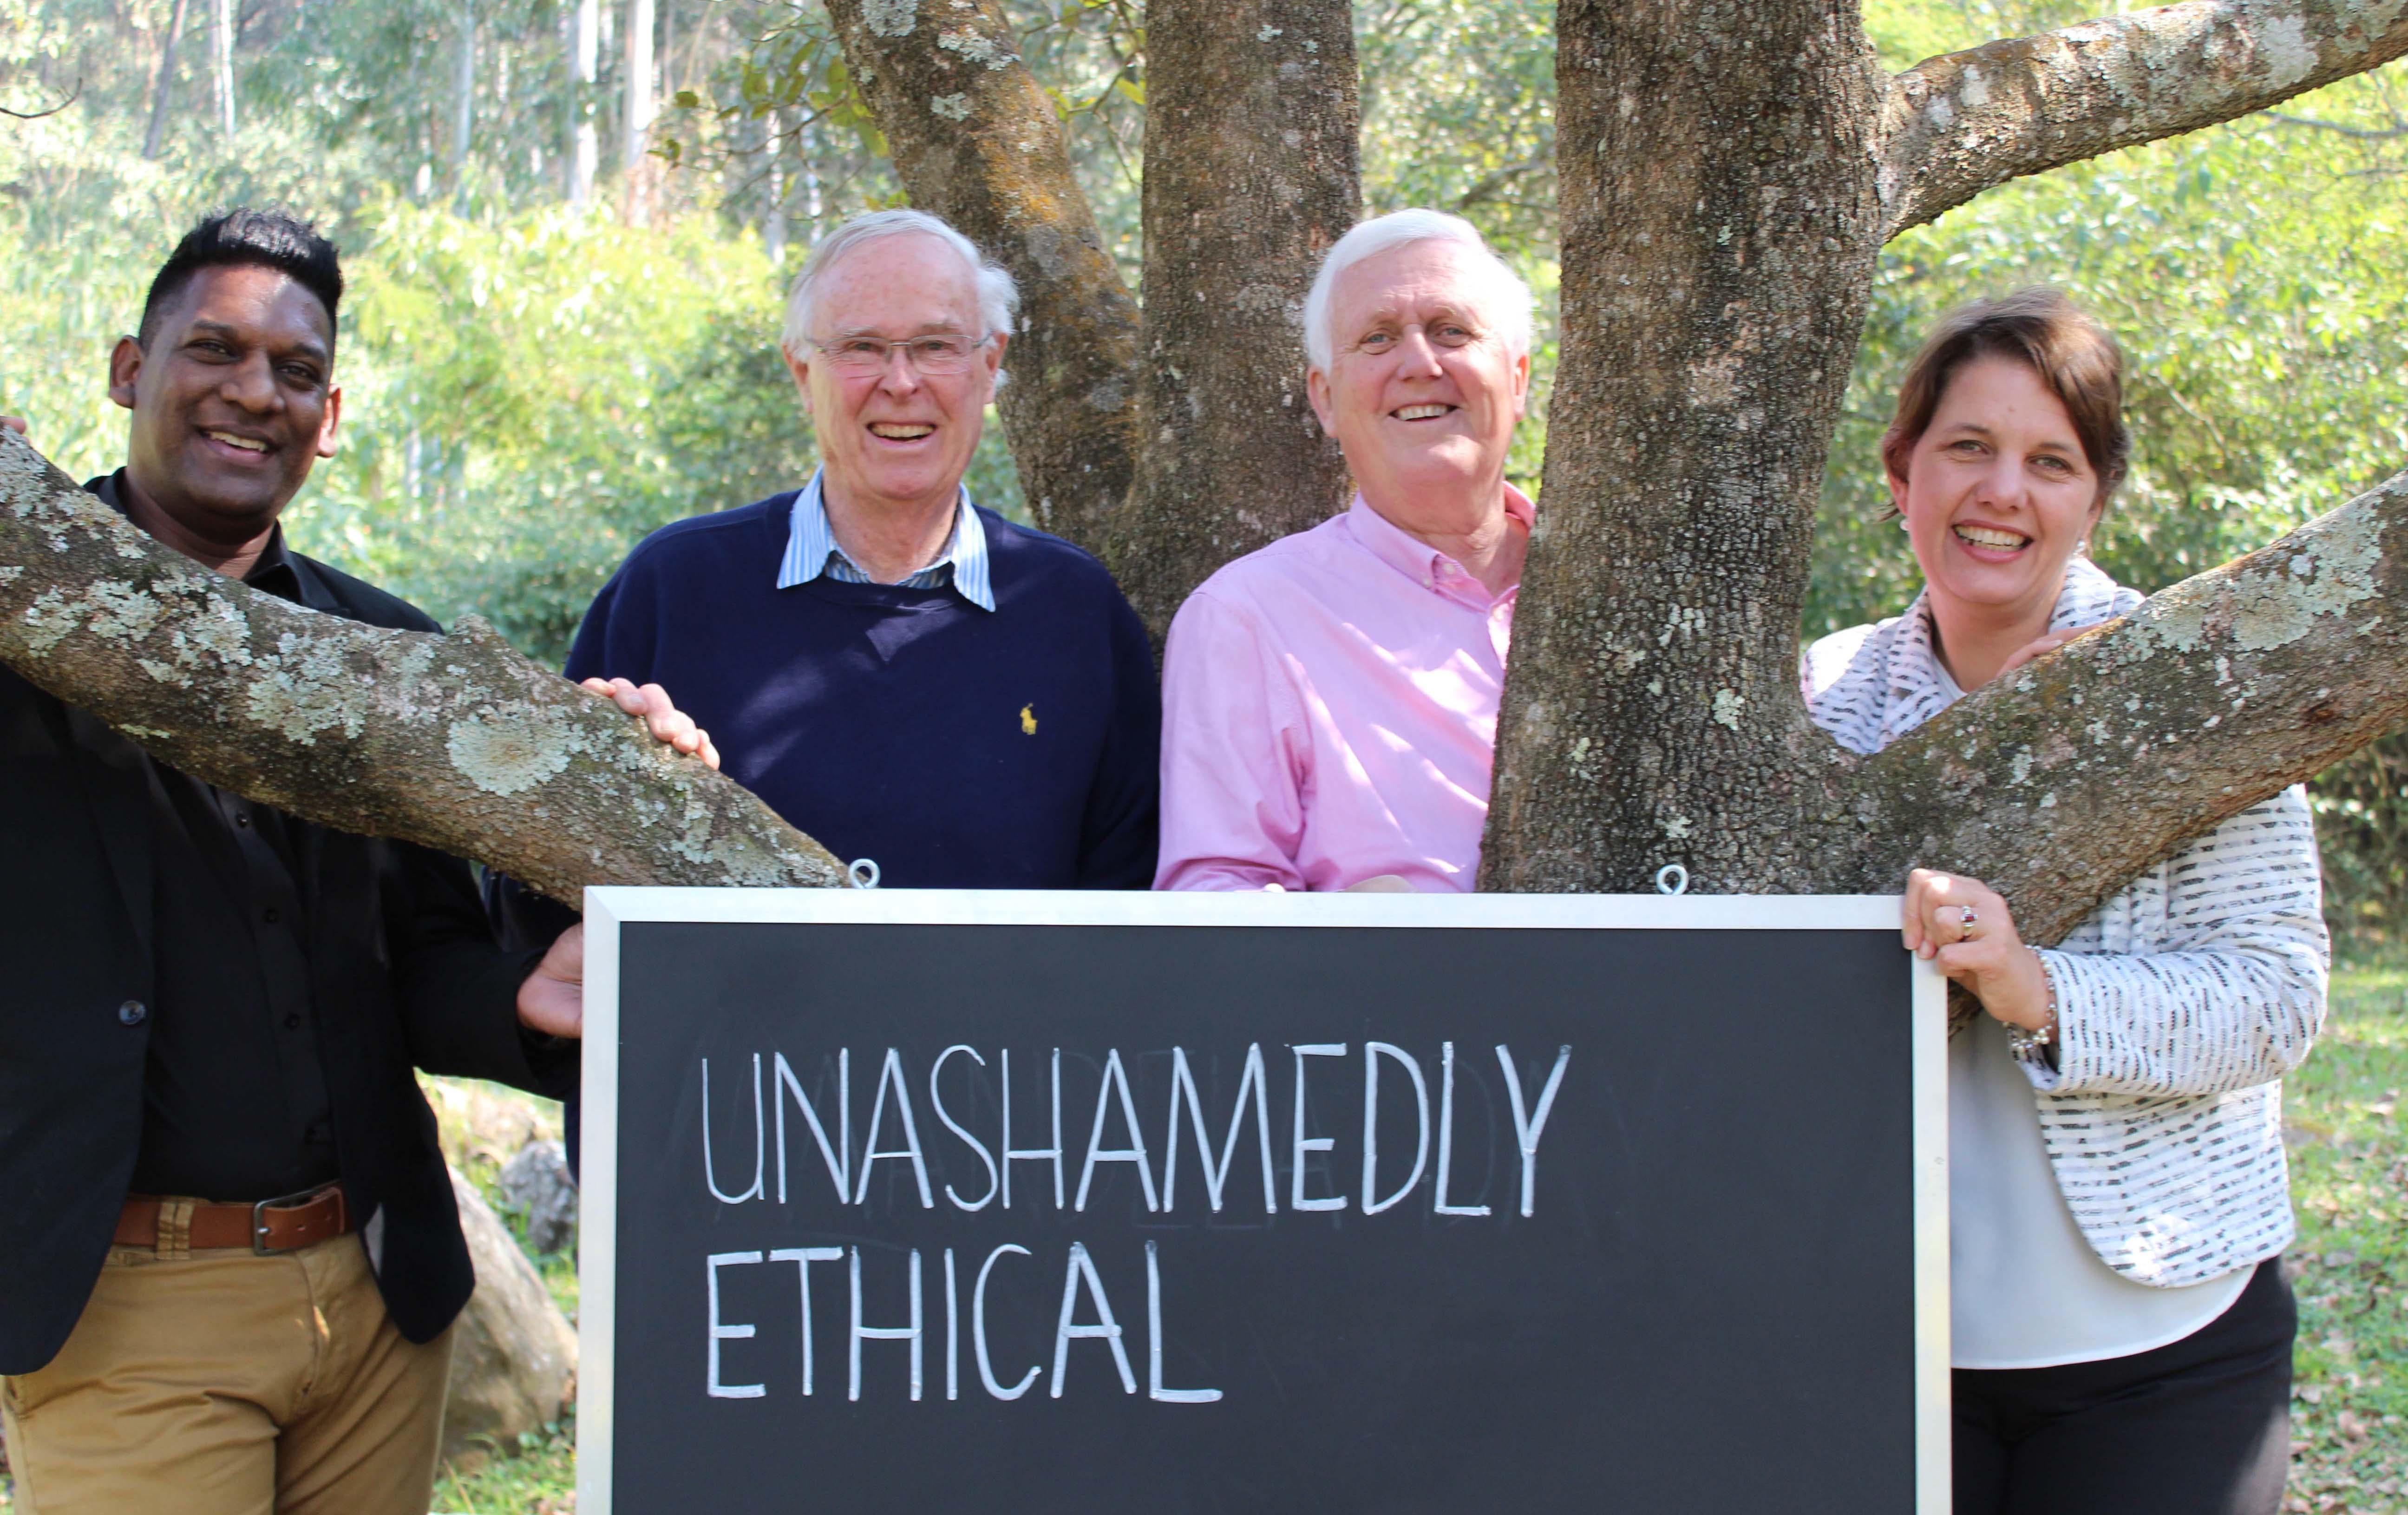 Image: Claude Moodley, Michael Cassidy, Henk Leenstra and Karen Brokensha